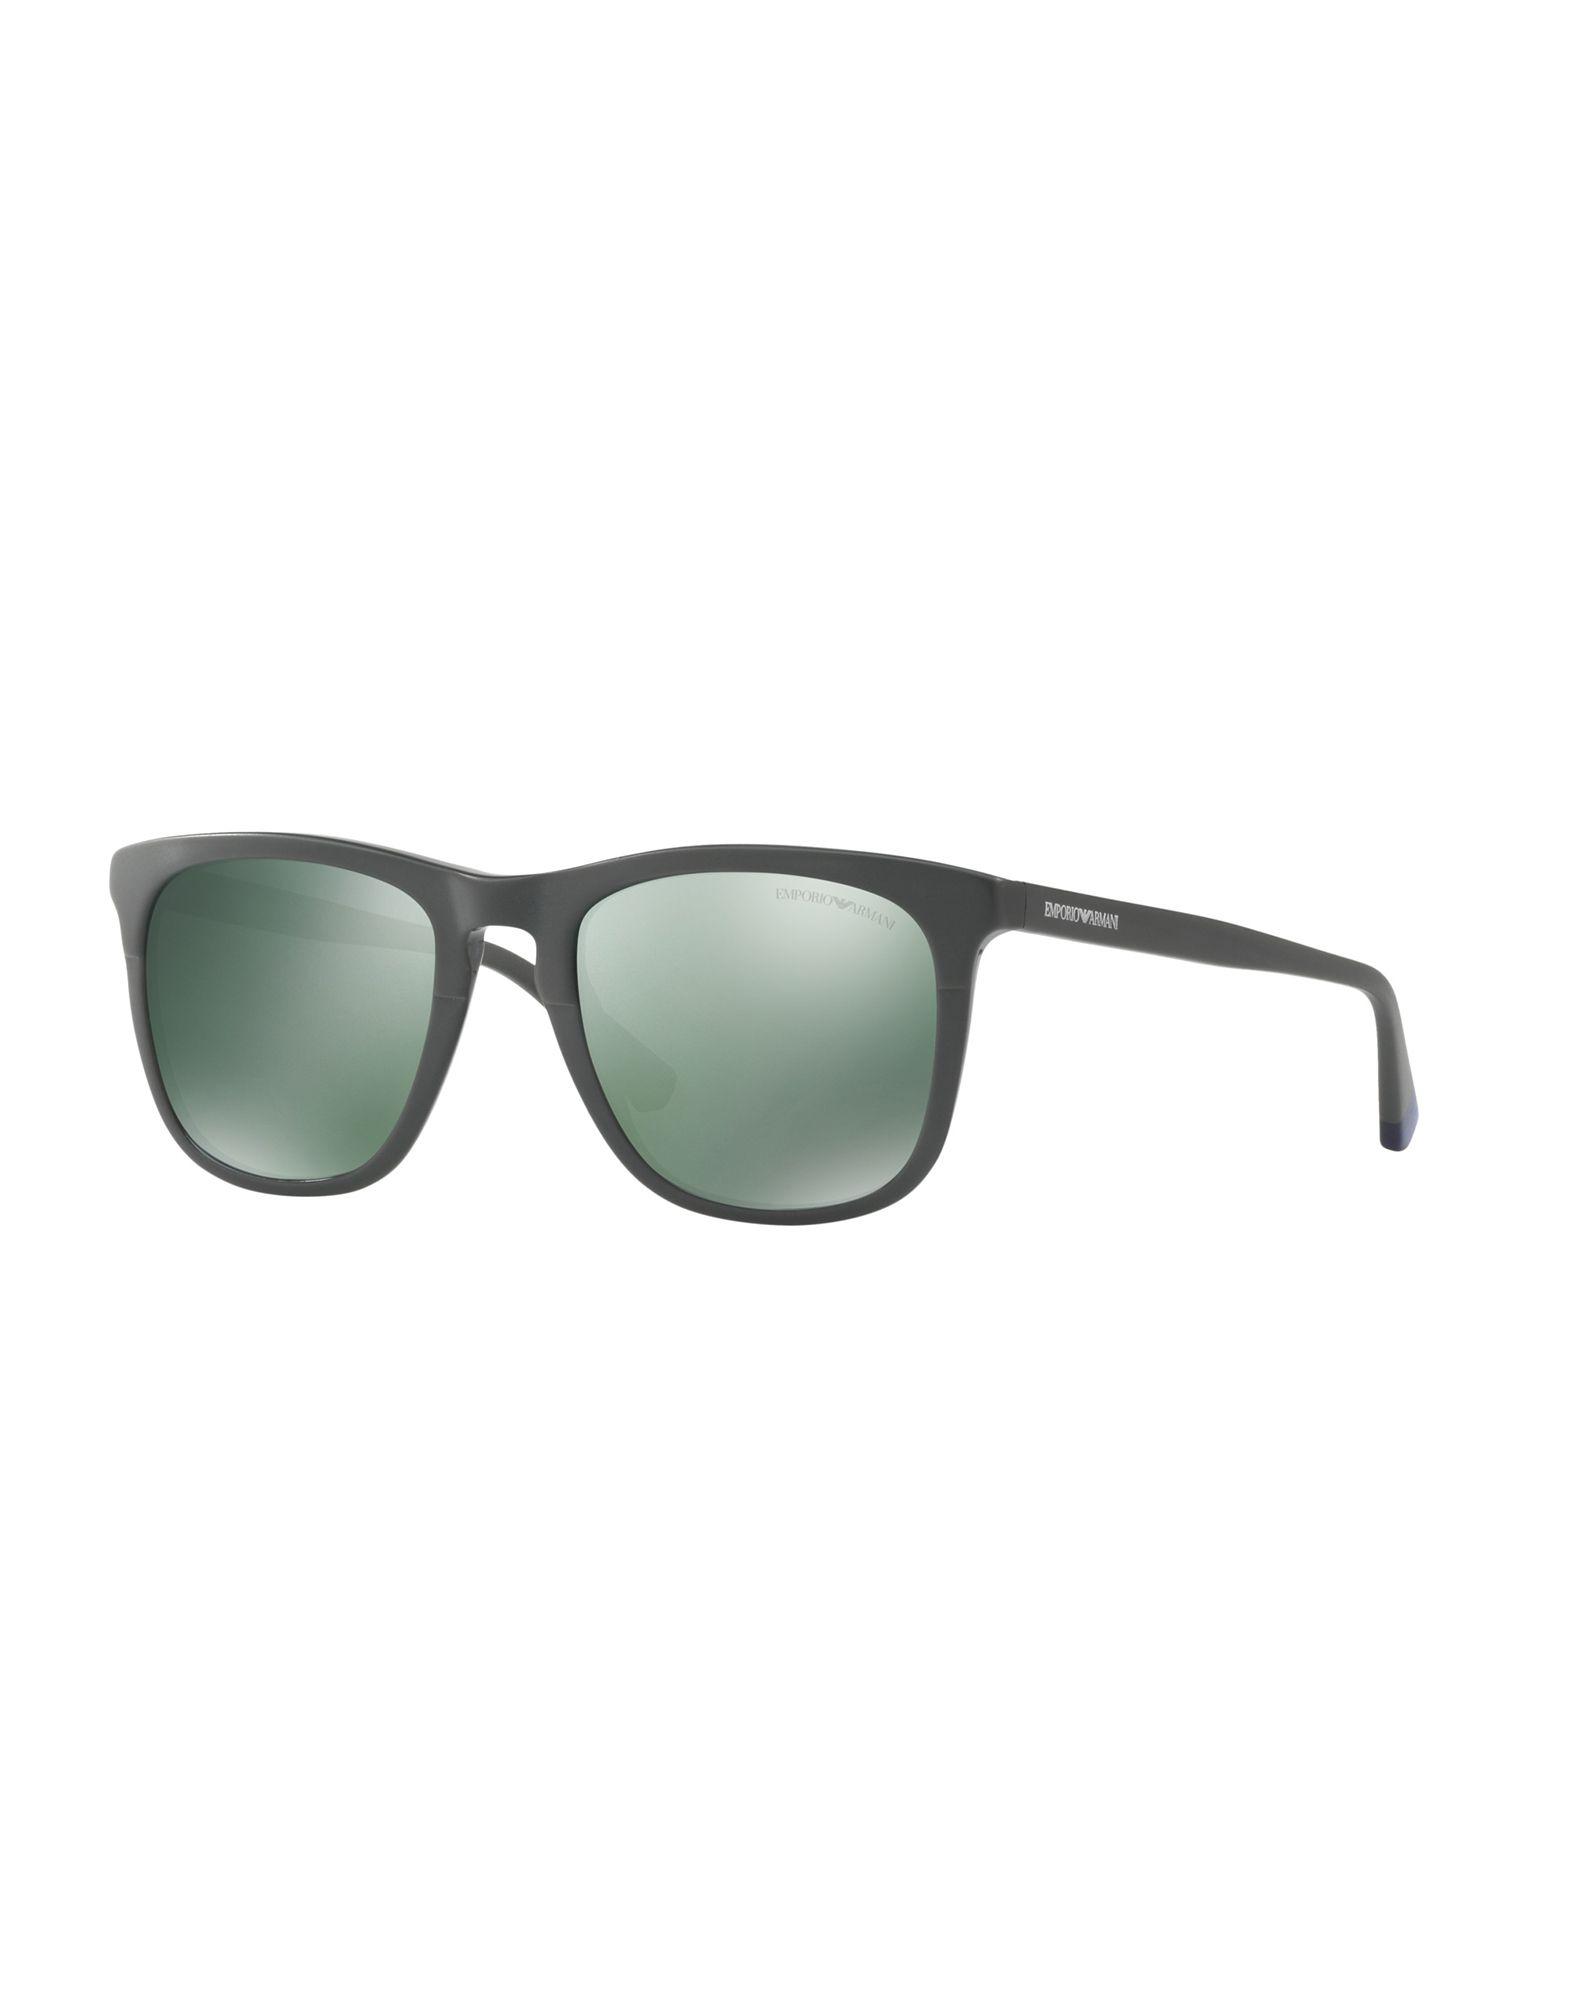 Occhiali Da Sole Emporio Armani Ea4105 - Uomo - Acquista online su